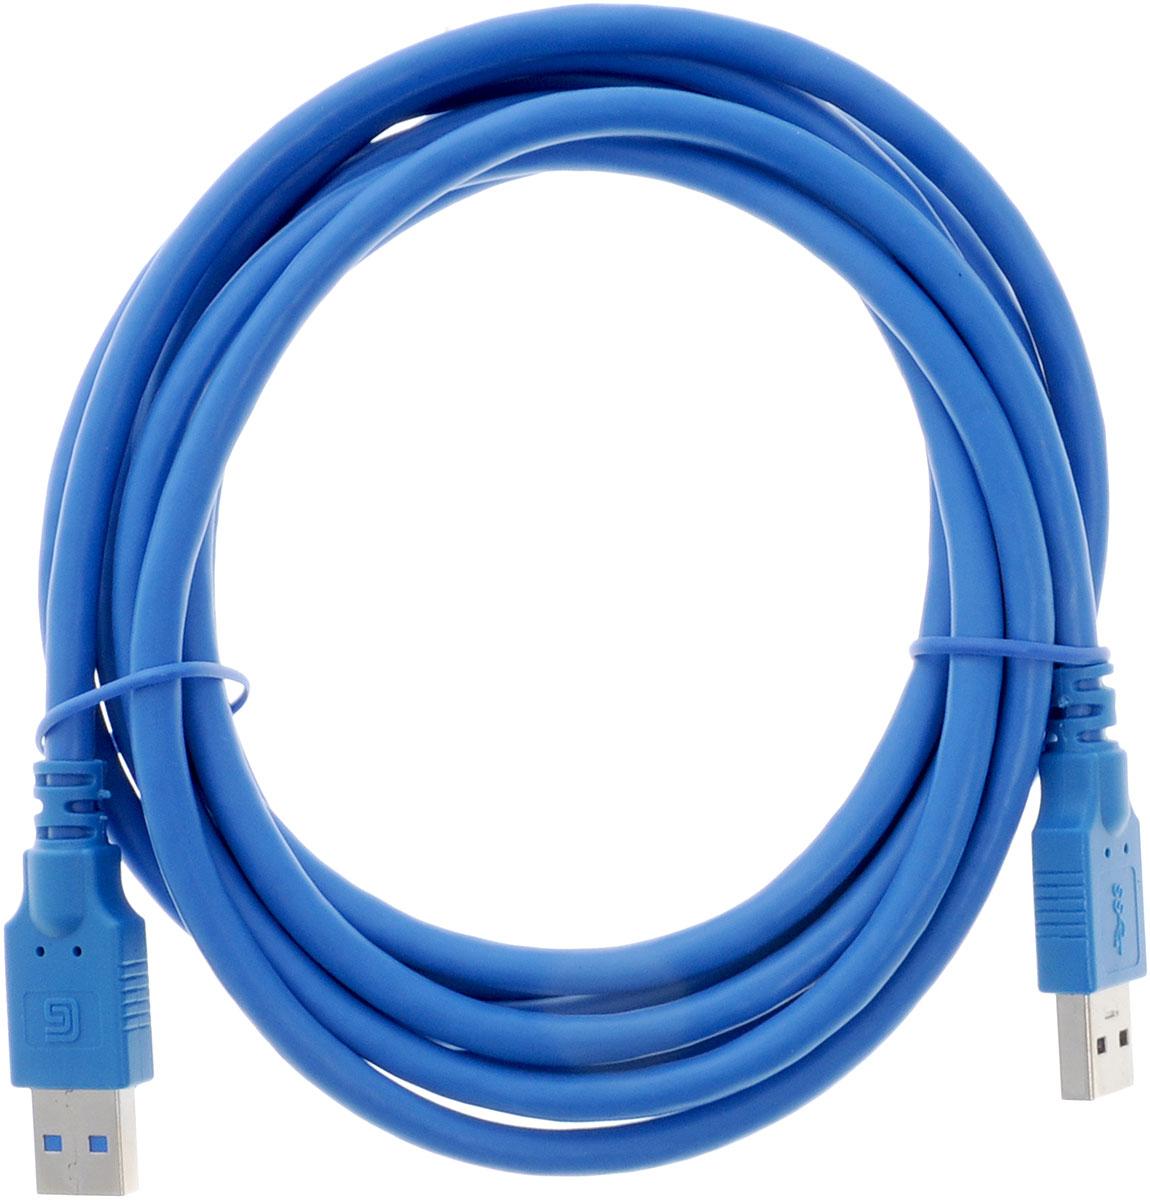 Greenconnect Premium GC-U3A01, Blue кабель USB 3 мGC-U3A01-3mКабель Greenconnect Premium GC-U3A01 используется для соединения ПК или ноутбука с периферийными устройствами: HD-DVD, принтер, внешний жесткий диск, Blu-ray и другими. Кабель имеет двойное экранирование (сочетание фольгированной и общей оплетки), что позволяет защитить сигнал при передаче от влияния внешних полей, способных создать помехи. Скорость передачи данных: до 5 Гбит Тип оболочки: PVC (ПВХ) Совместимость: USB 3.0/2.0/1.1